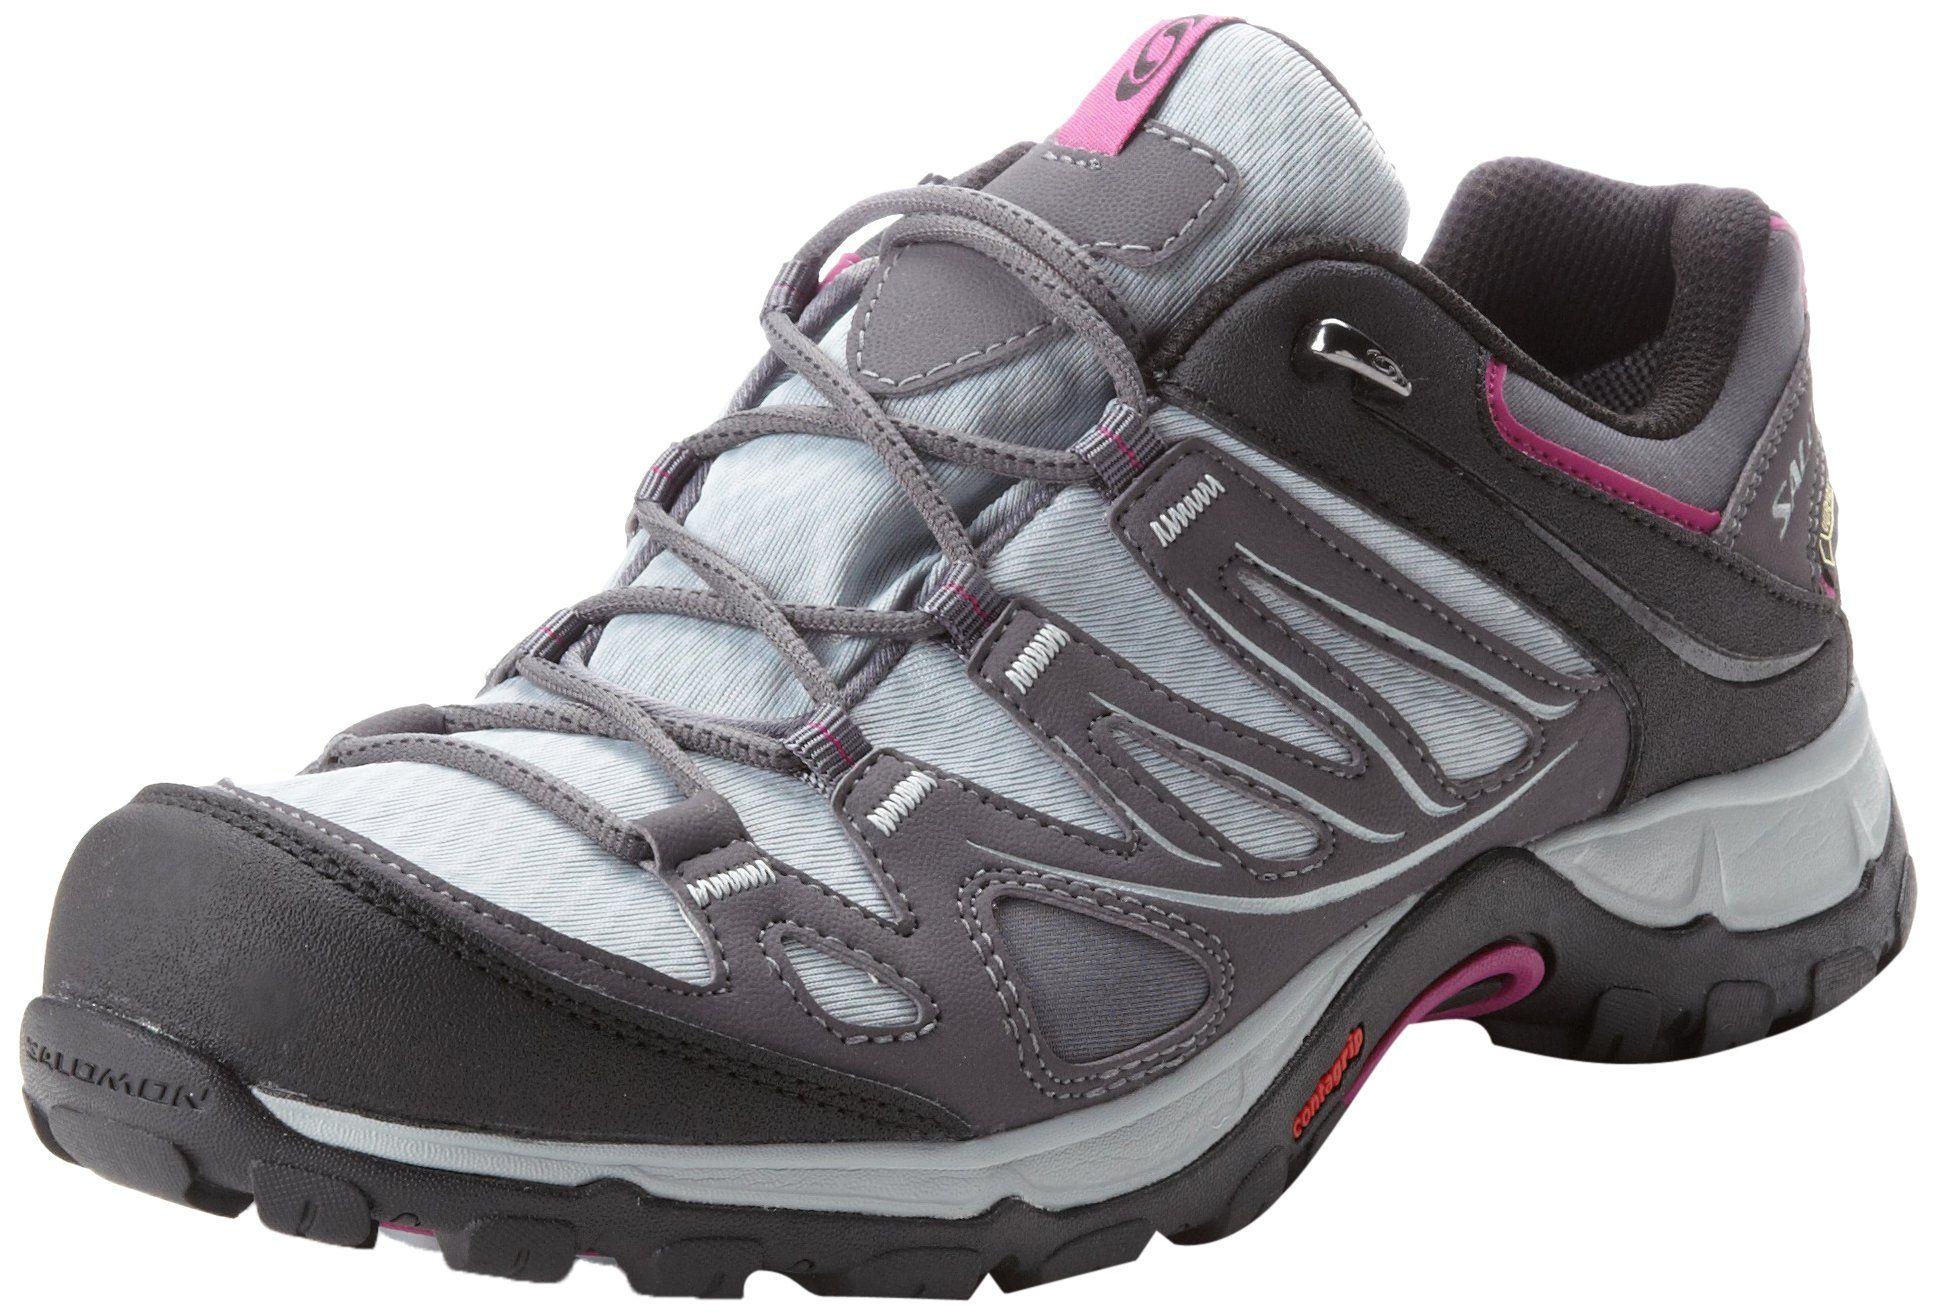 Salomon Ladies Walking Shoes Boots Ellipse Gtx Asphalt Cloud Ladies